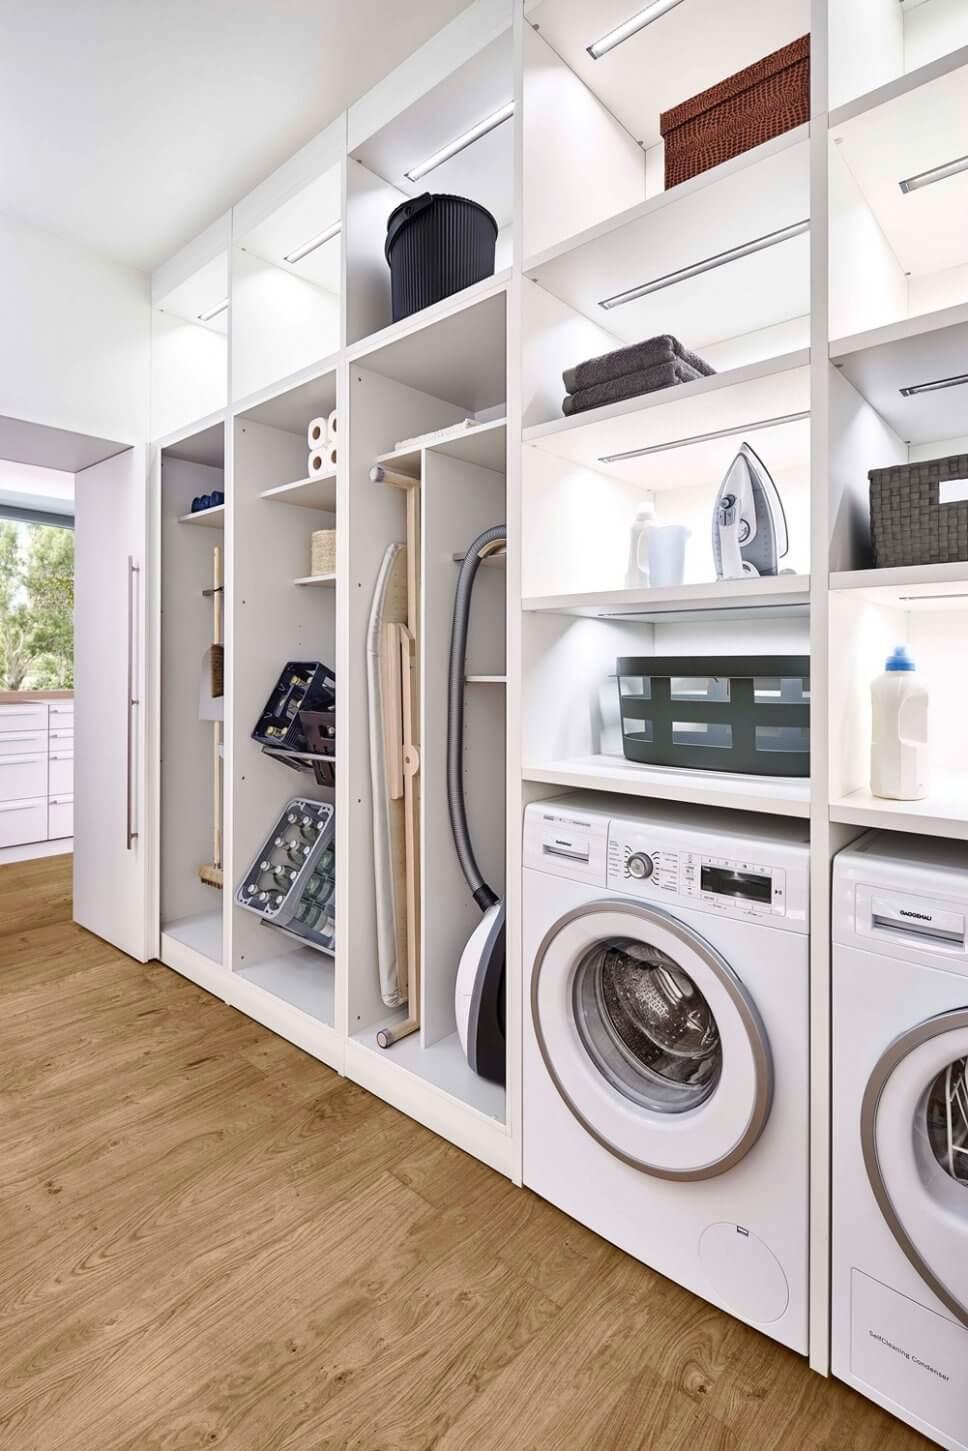 Moderne Speisekammer / Haushaltsraum mit Waschmaschine und Regalen